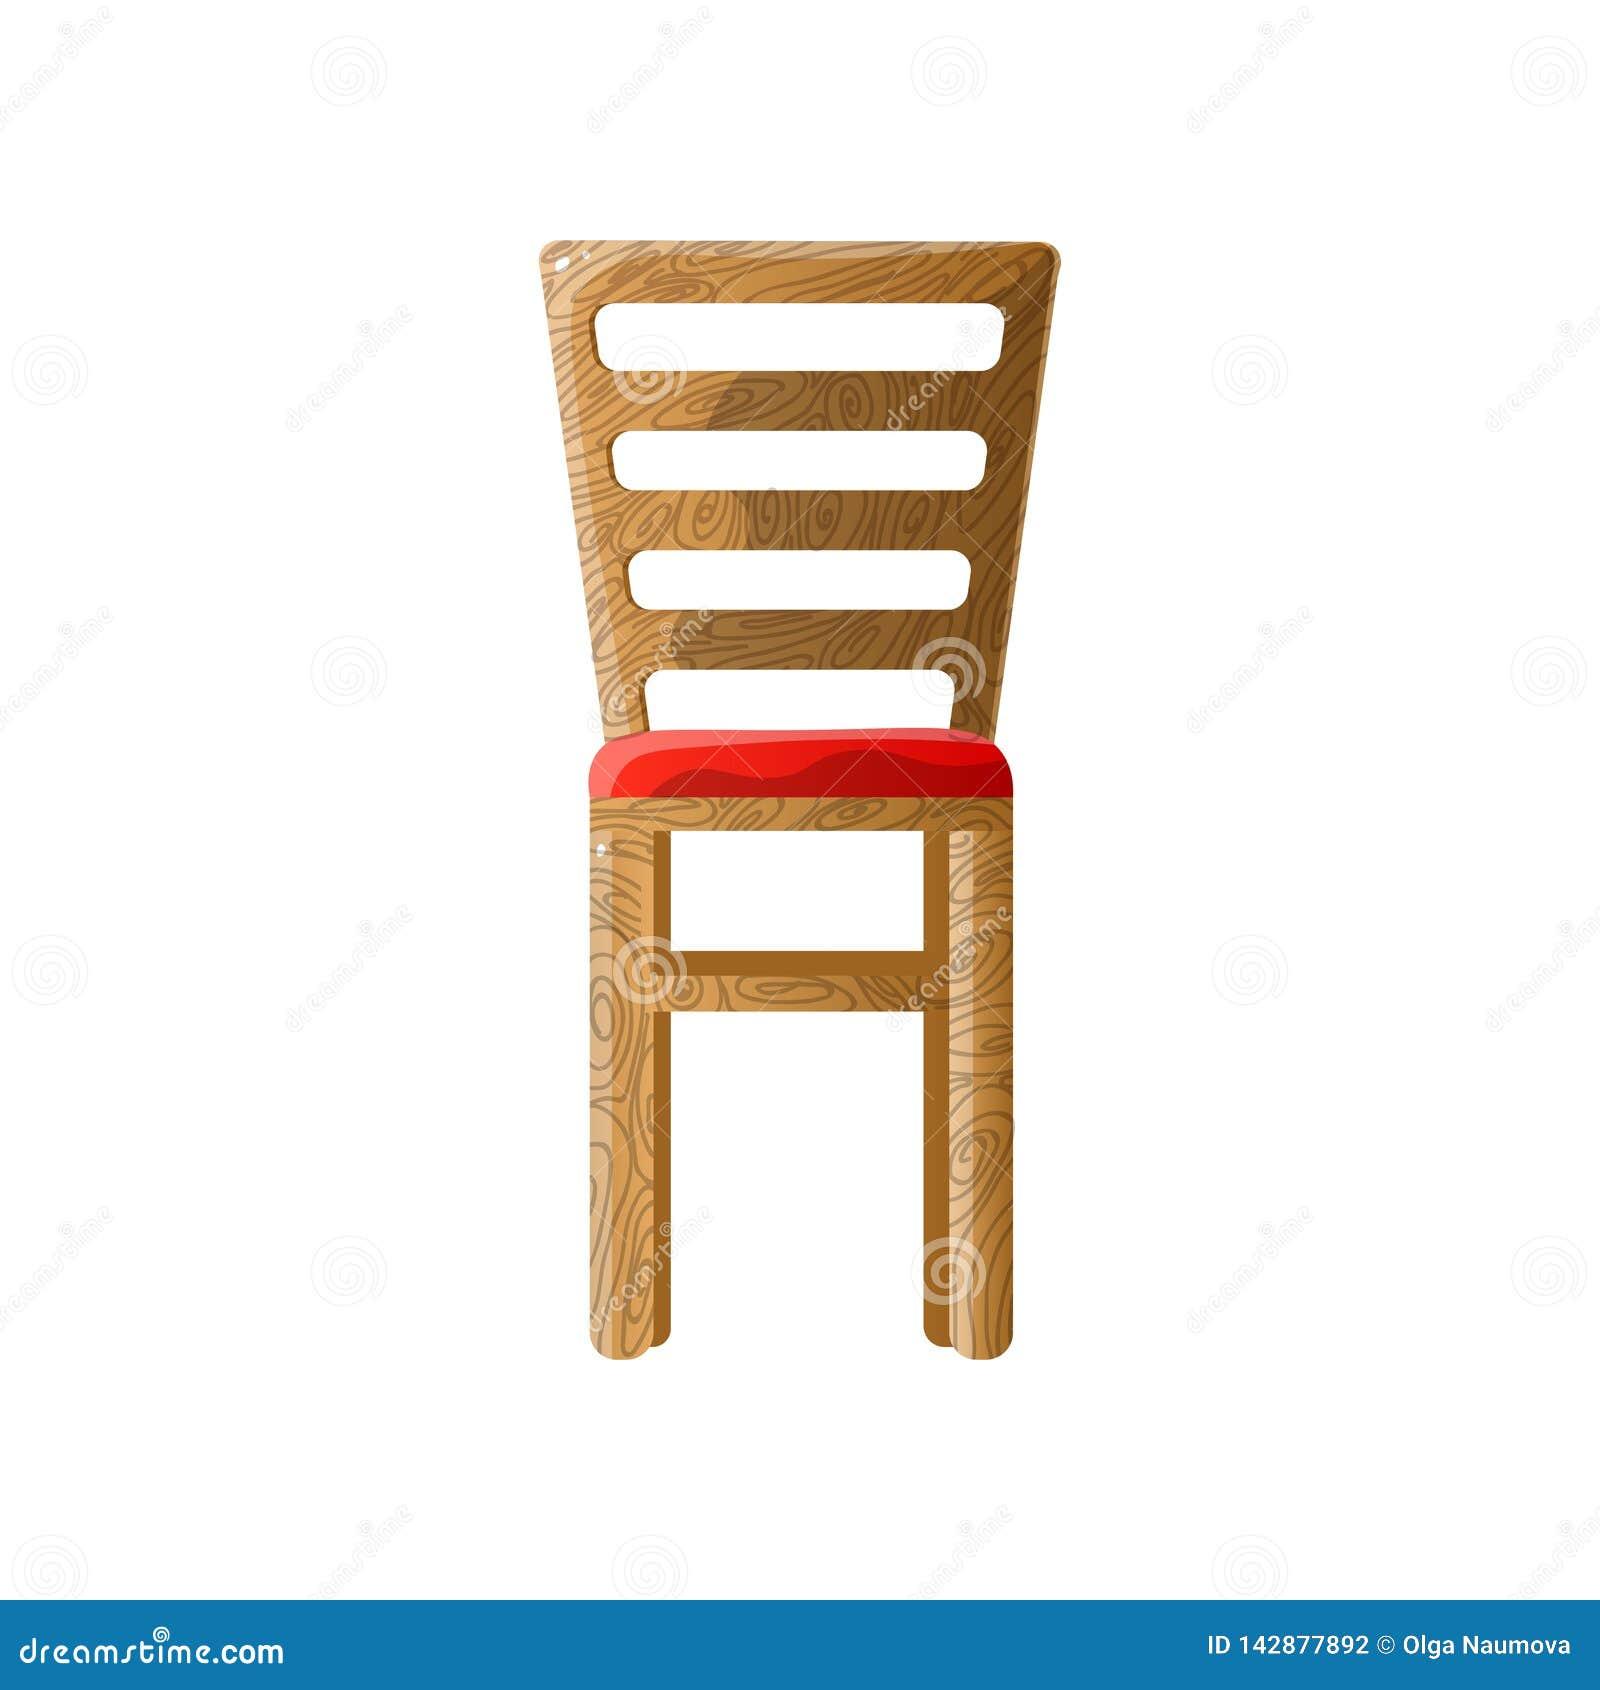 Holzstuhl mit Lamellenrückseite und weichem rotem gepolstertem Sitz